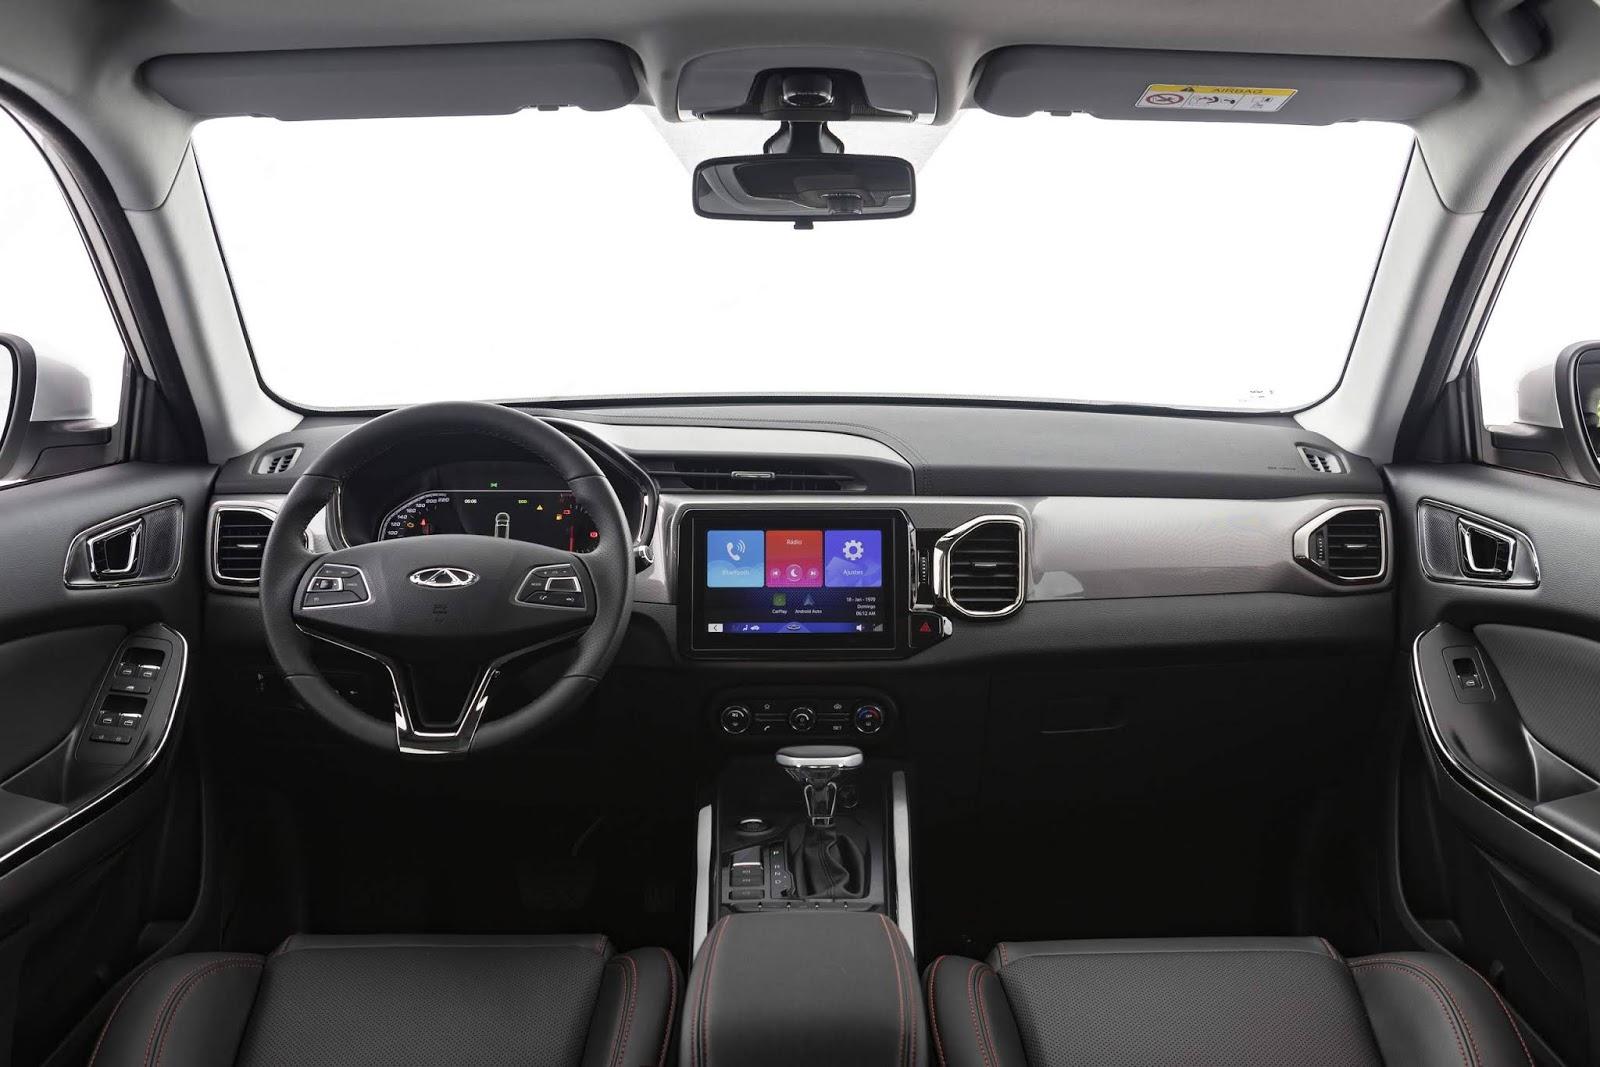 Caoa Chery supera a Ford em vendas no Brasil em maio de 2021